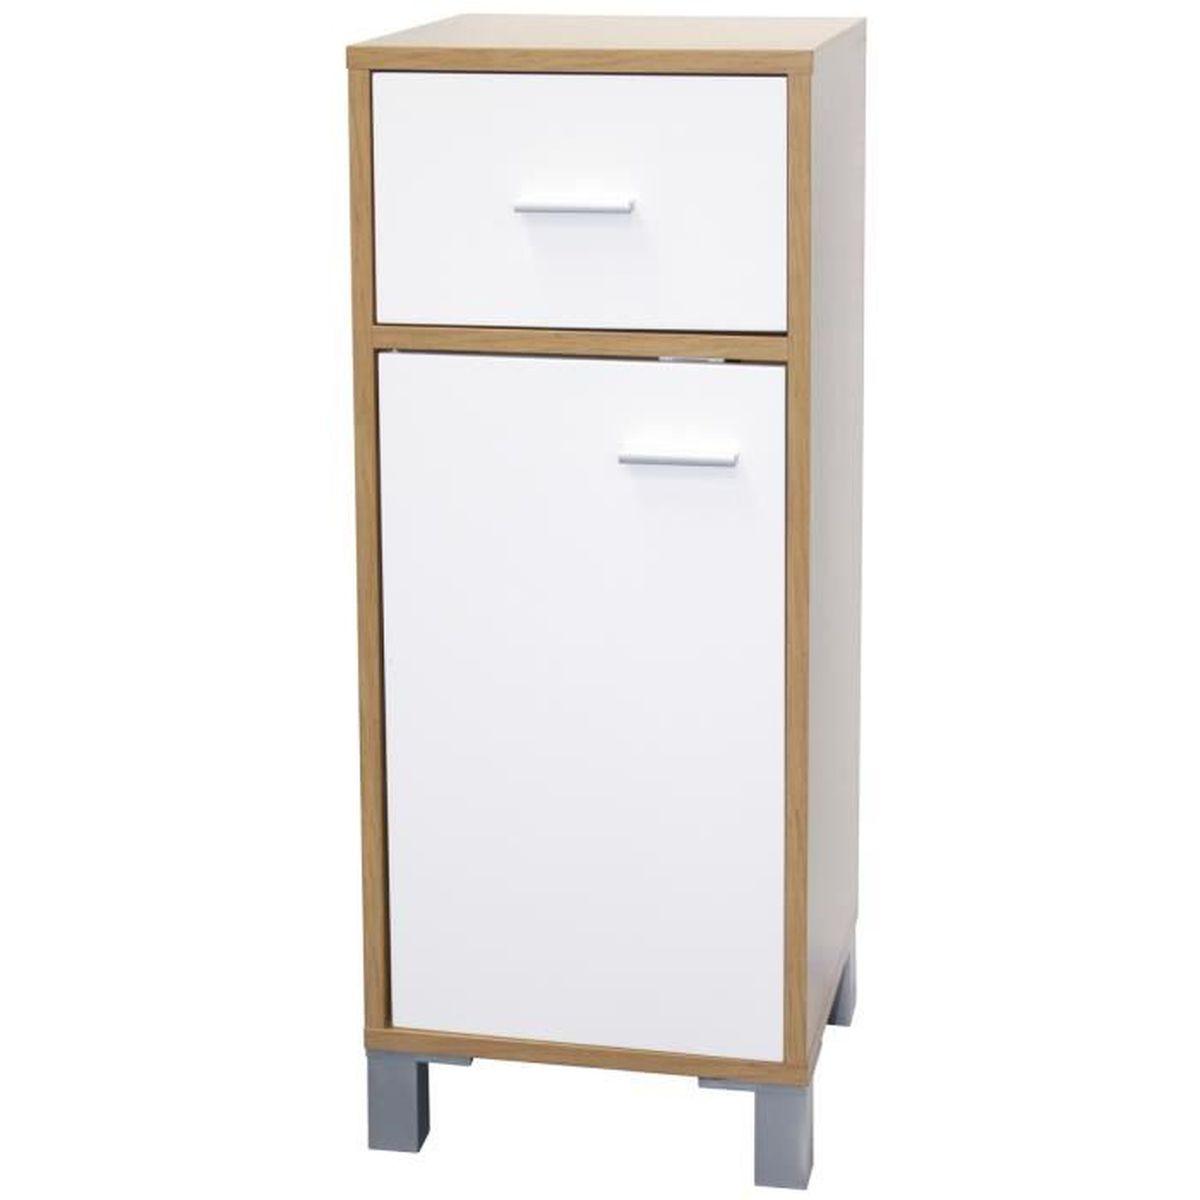 Meuble salle de bain en bois 1 tiroir et 1 porte bicolore for Meuble salle de bain 2 portes 1 tiroir